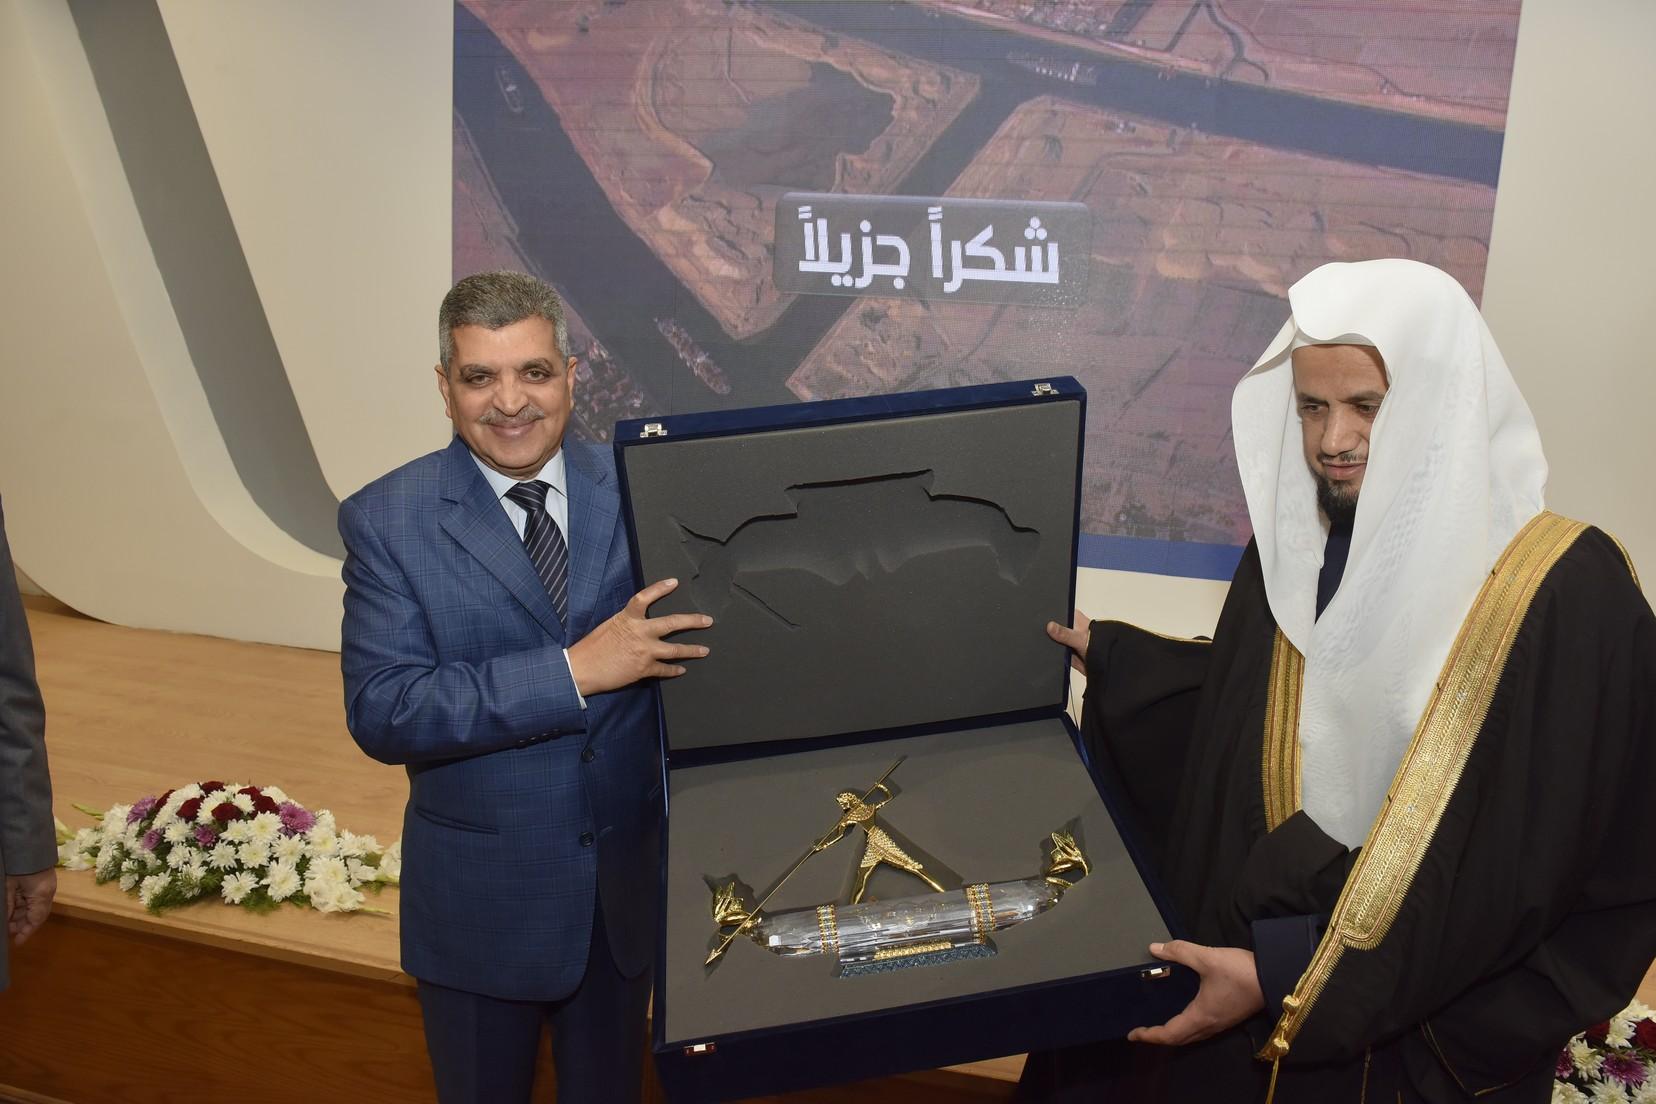 الفريق أسامة ربيع يستقبل النائب العام المصرى والسعودي (9)